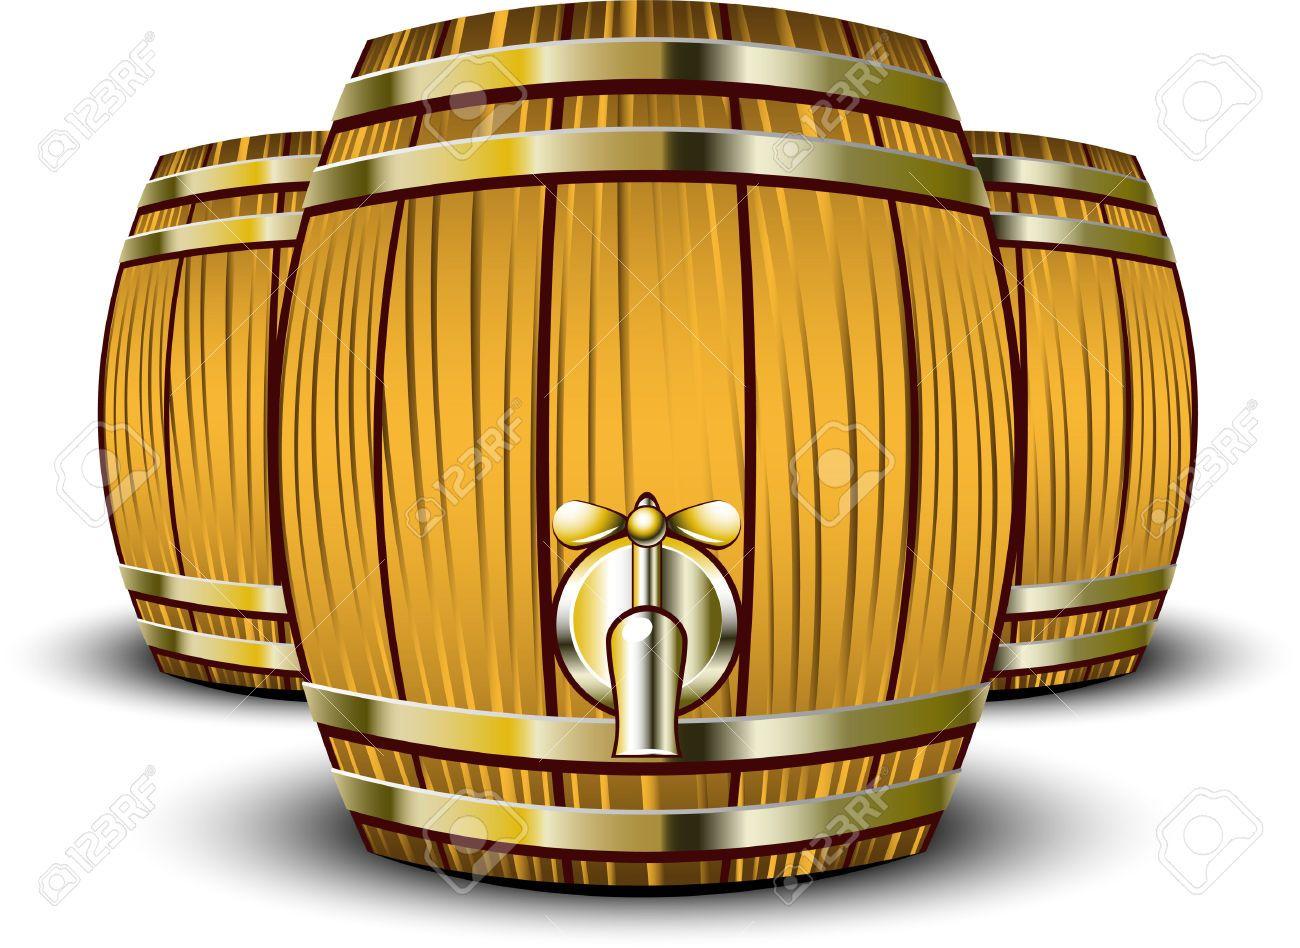 Barrel clipart wooden barrel.  best beer kegs